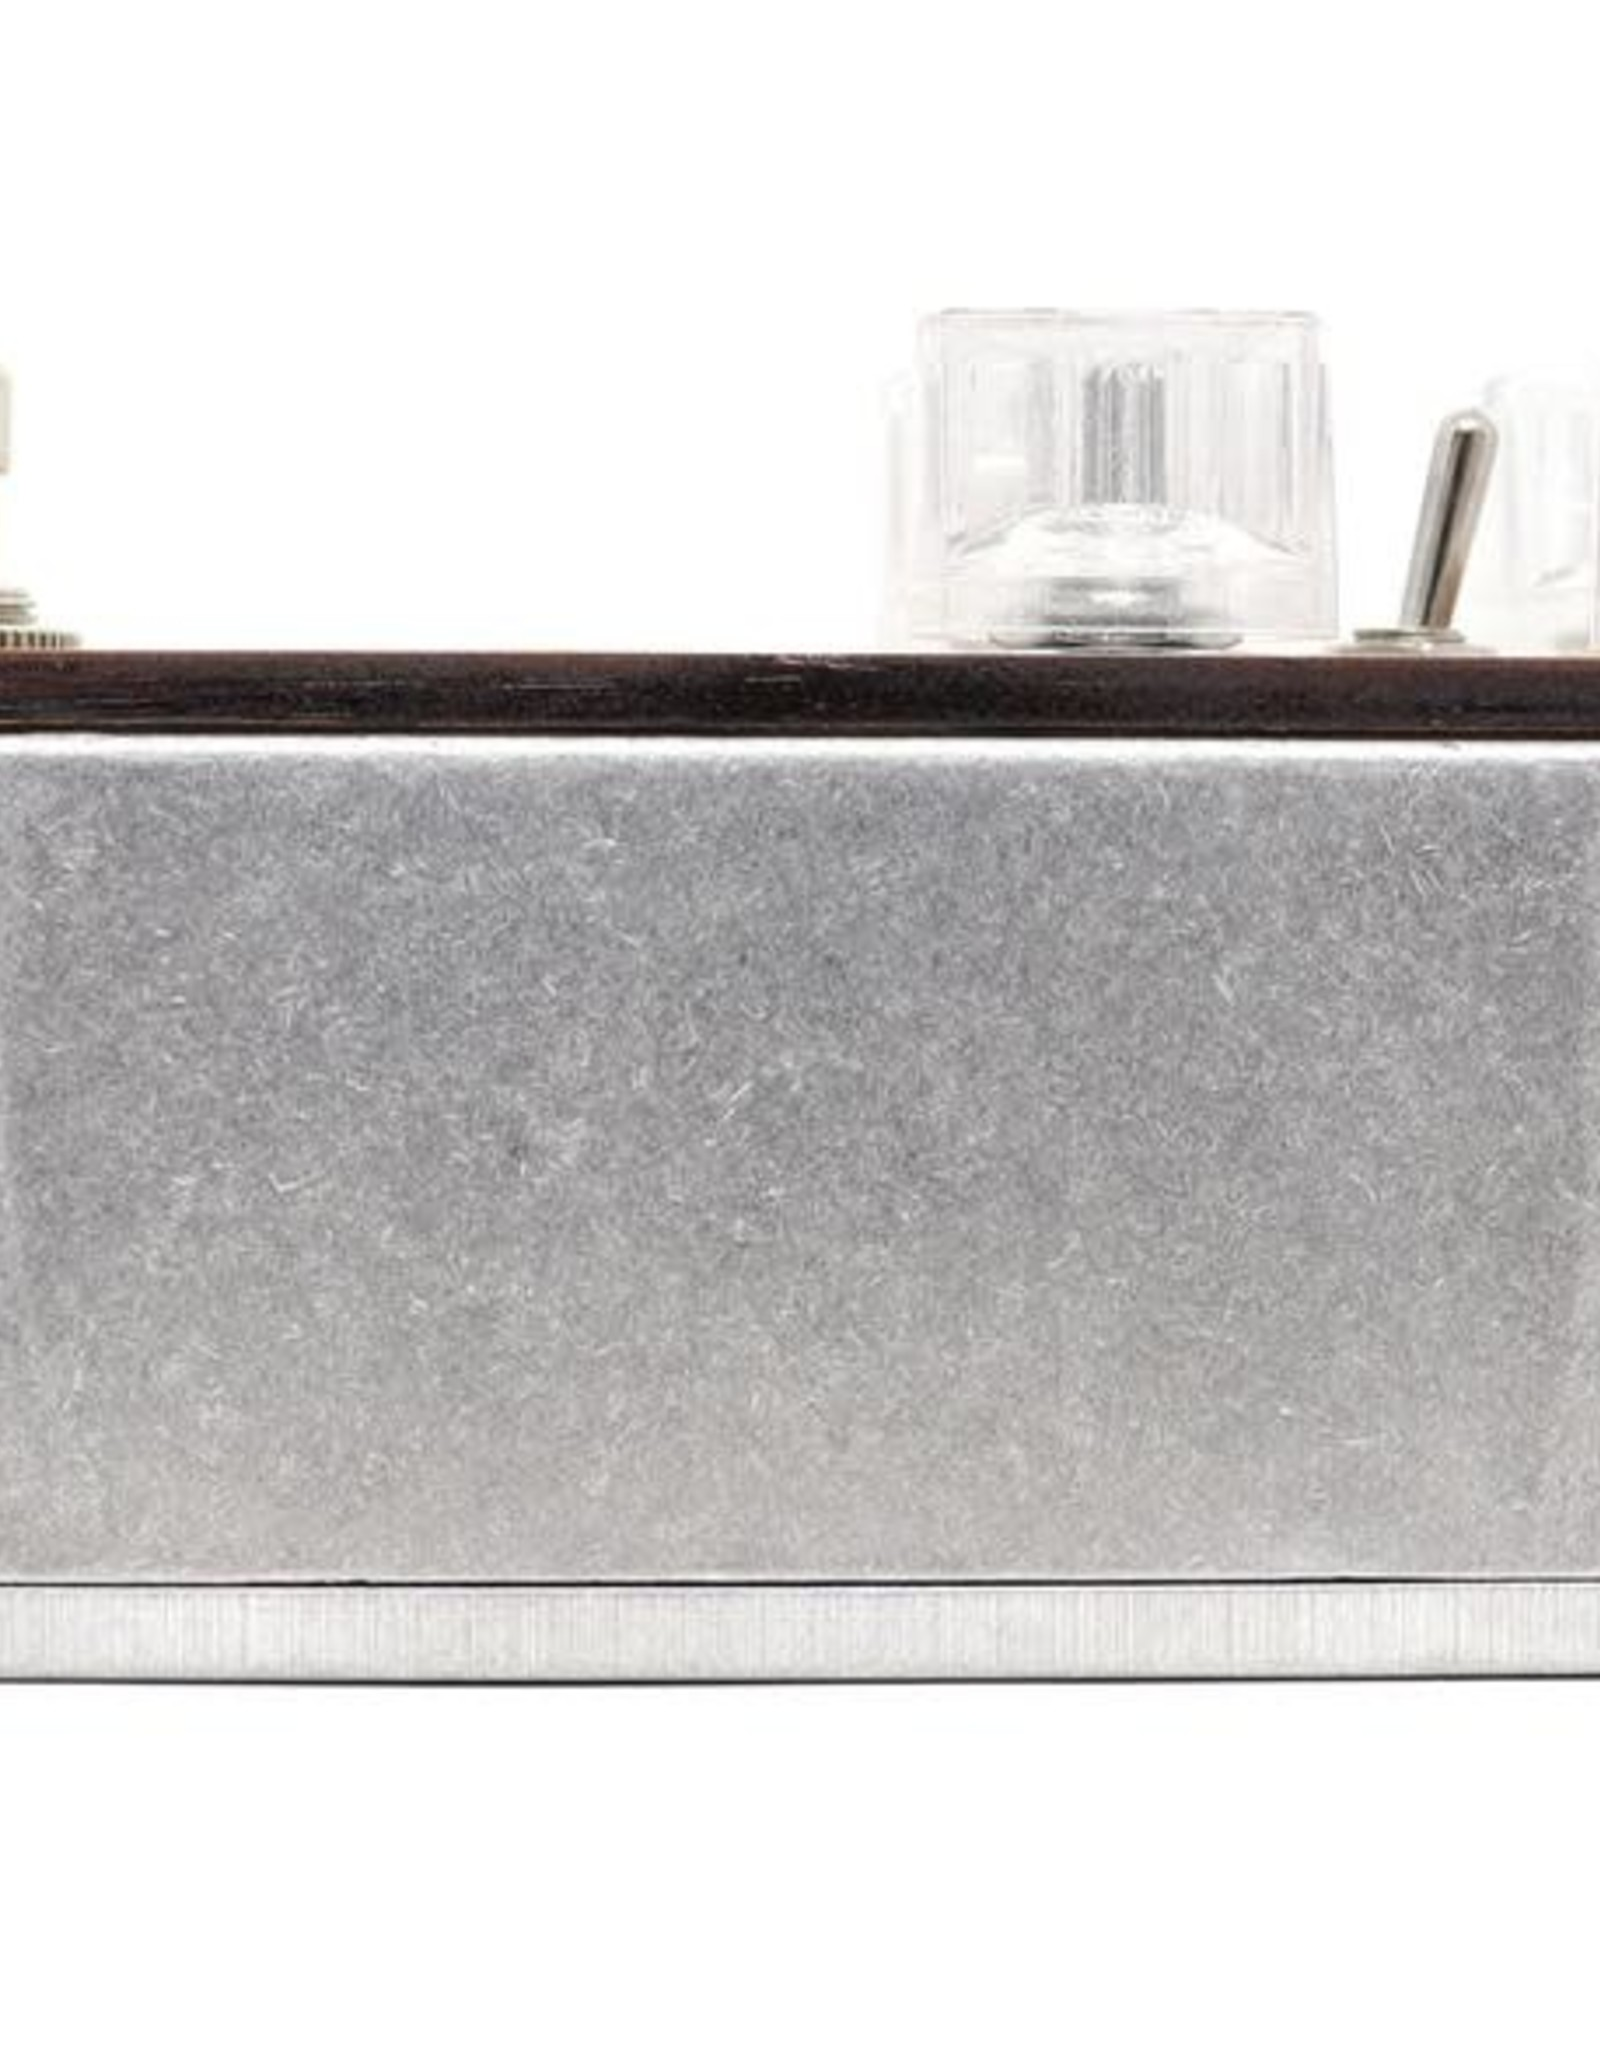 Anasounds Anasounds La Brute - Bundle : 1 pedal   1 cable   1 tank